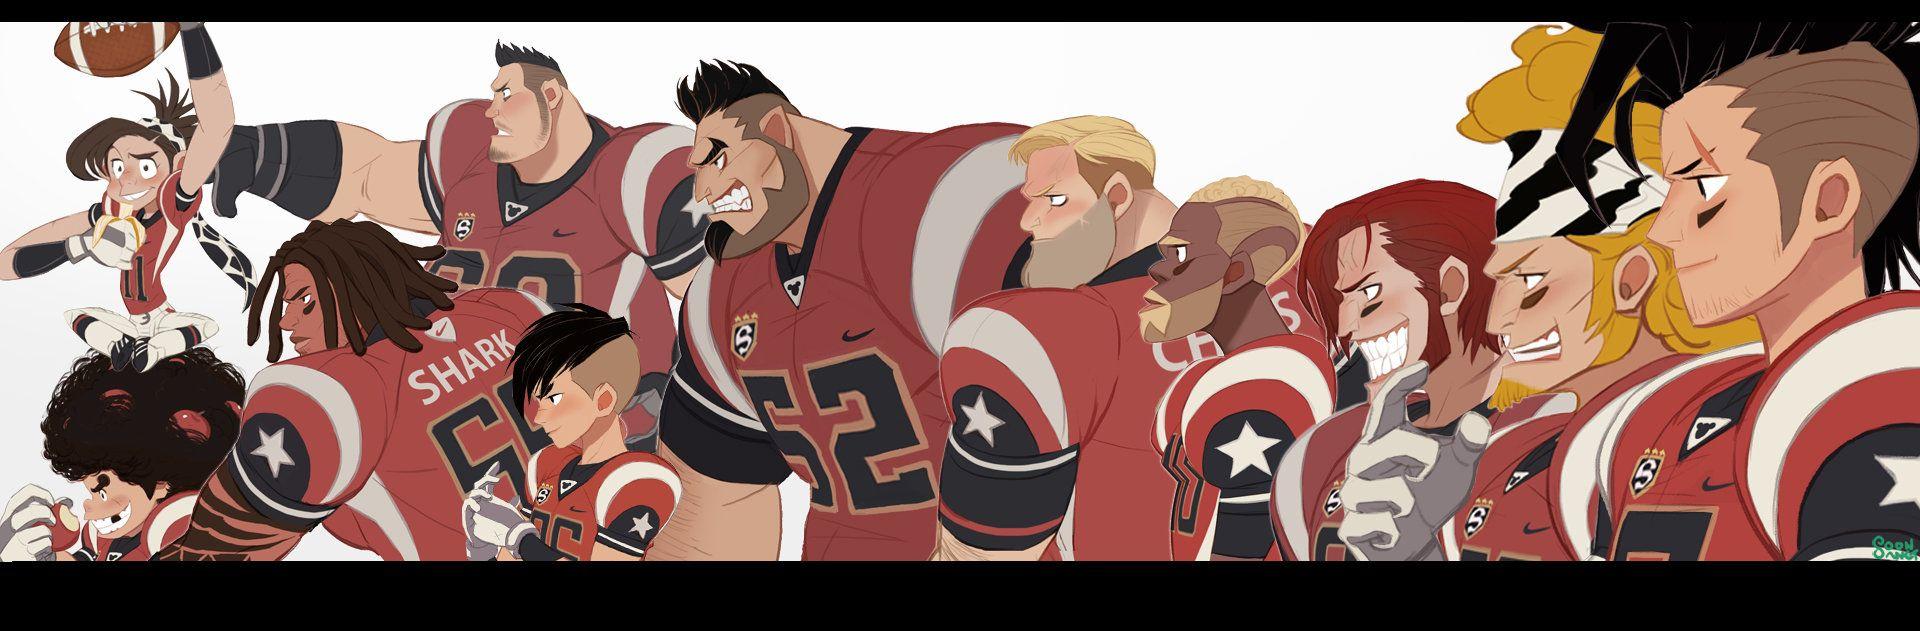 please make a cartoon about this football team football team